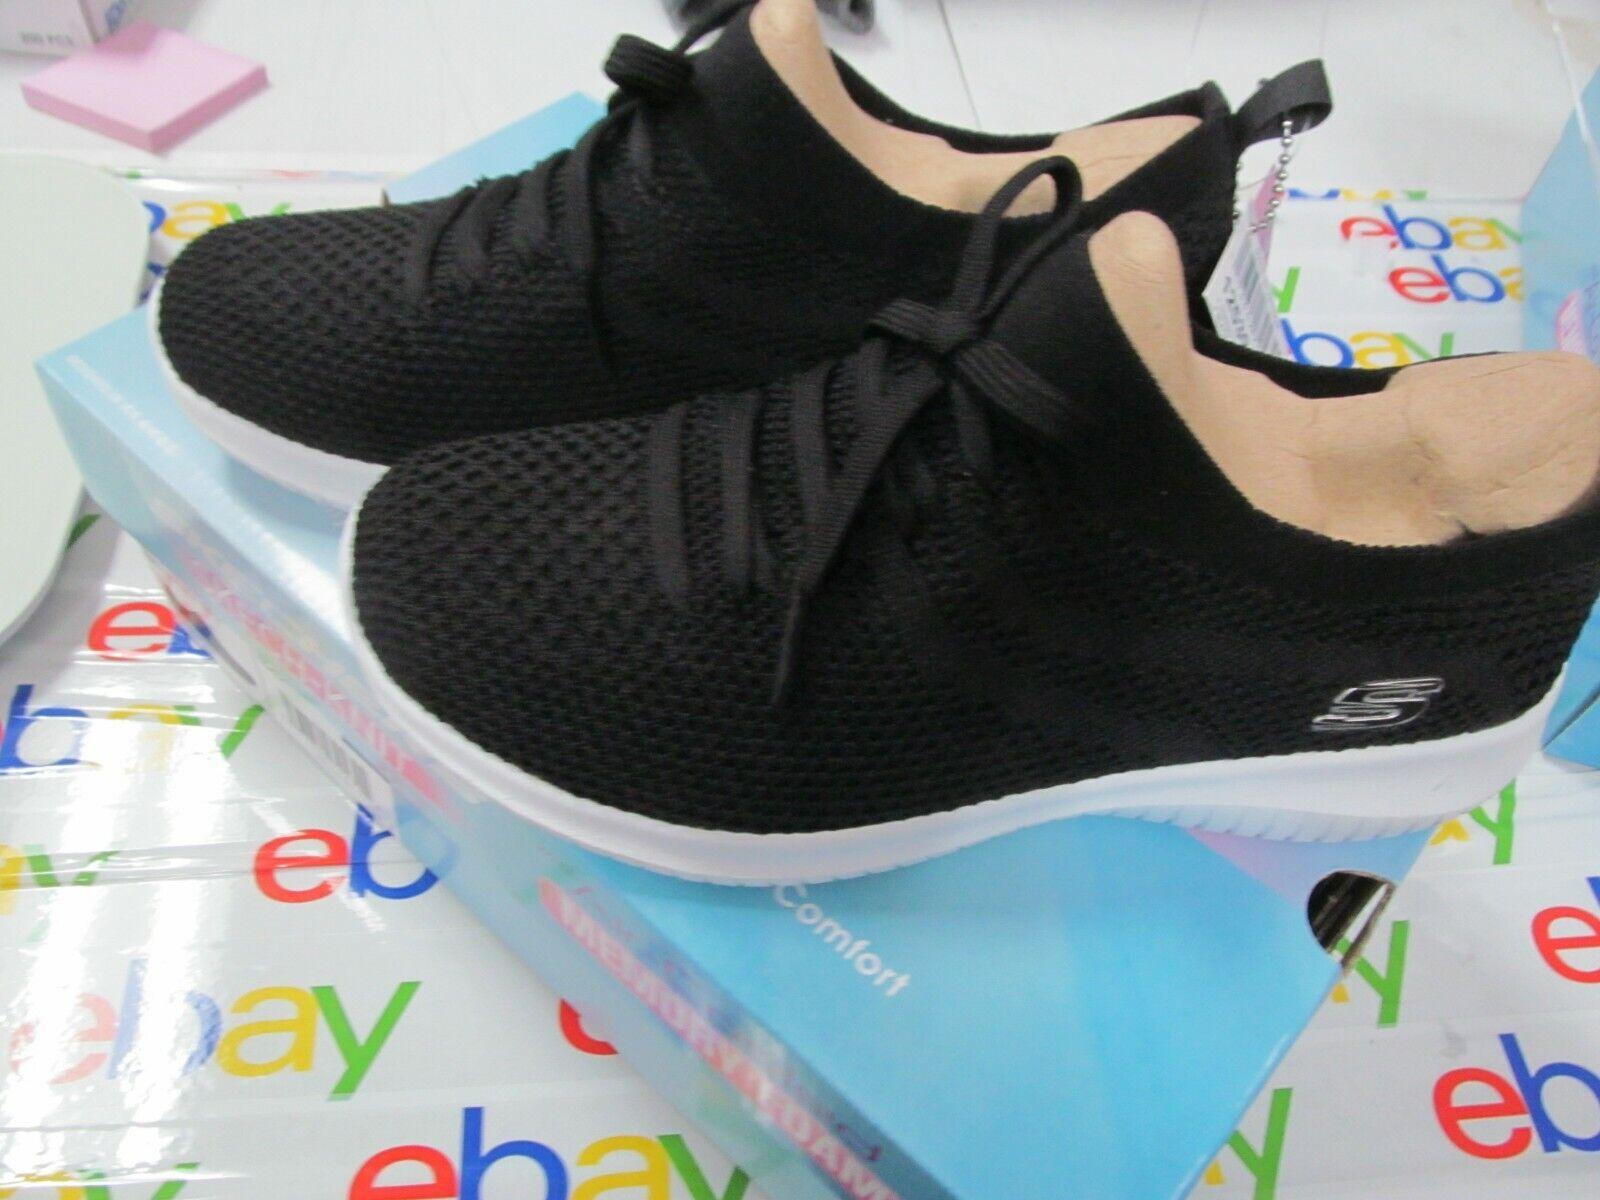 Skechers Unity Beaming Womens Slip On Sneakers